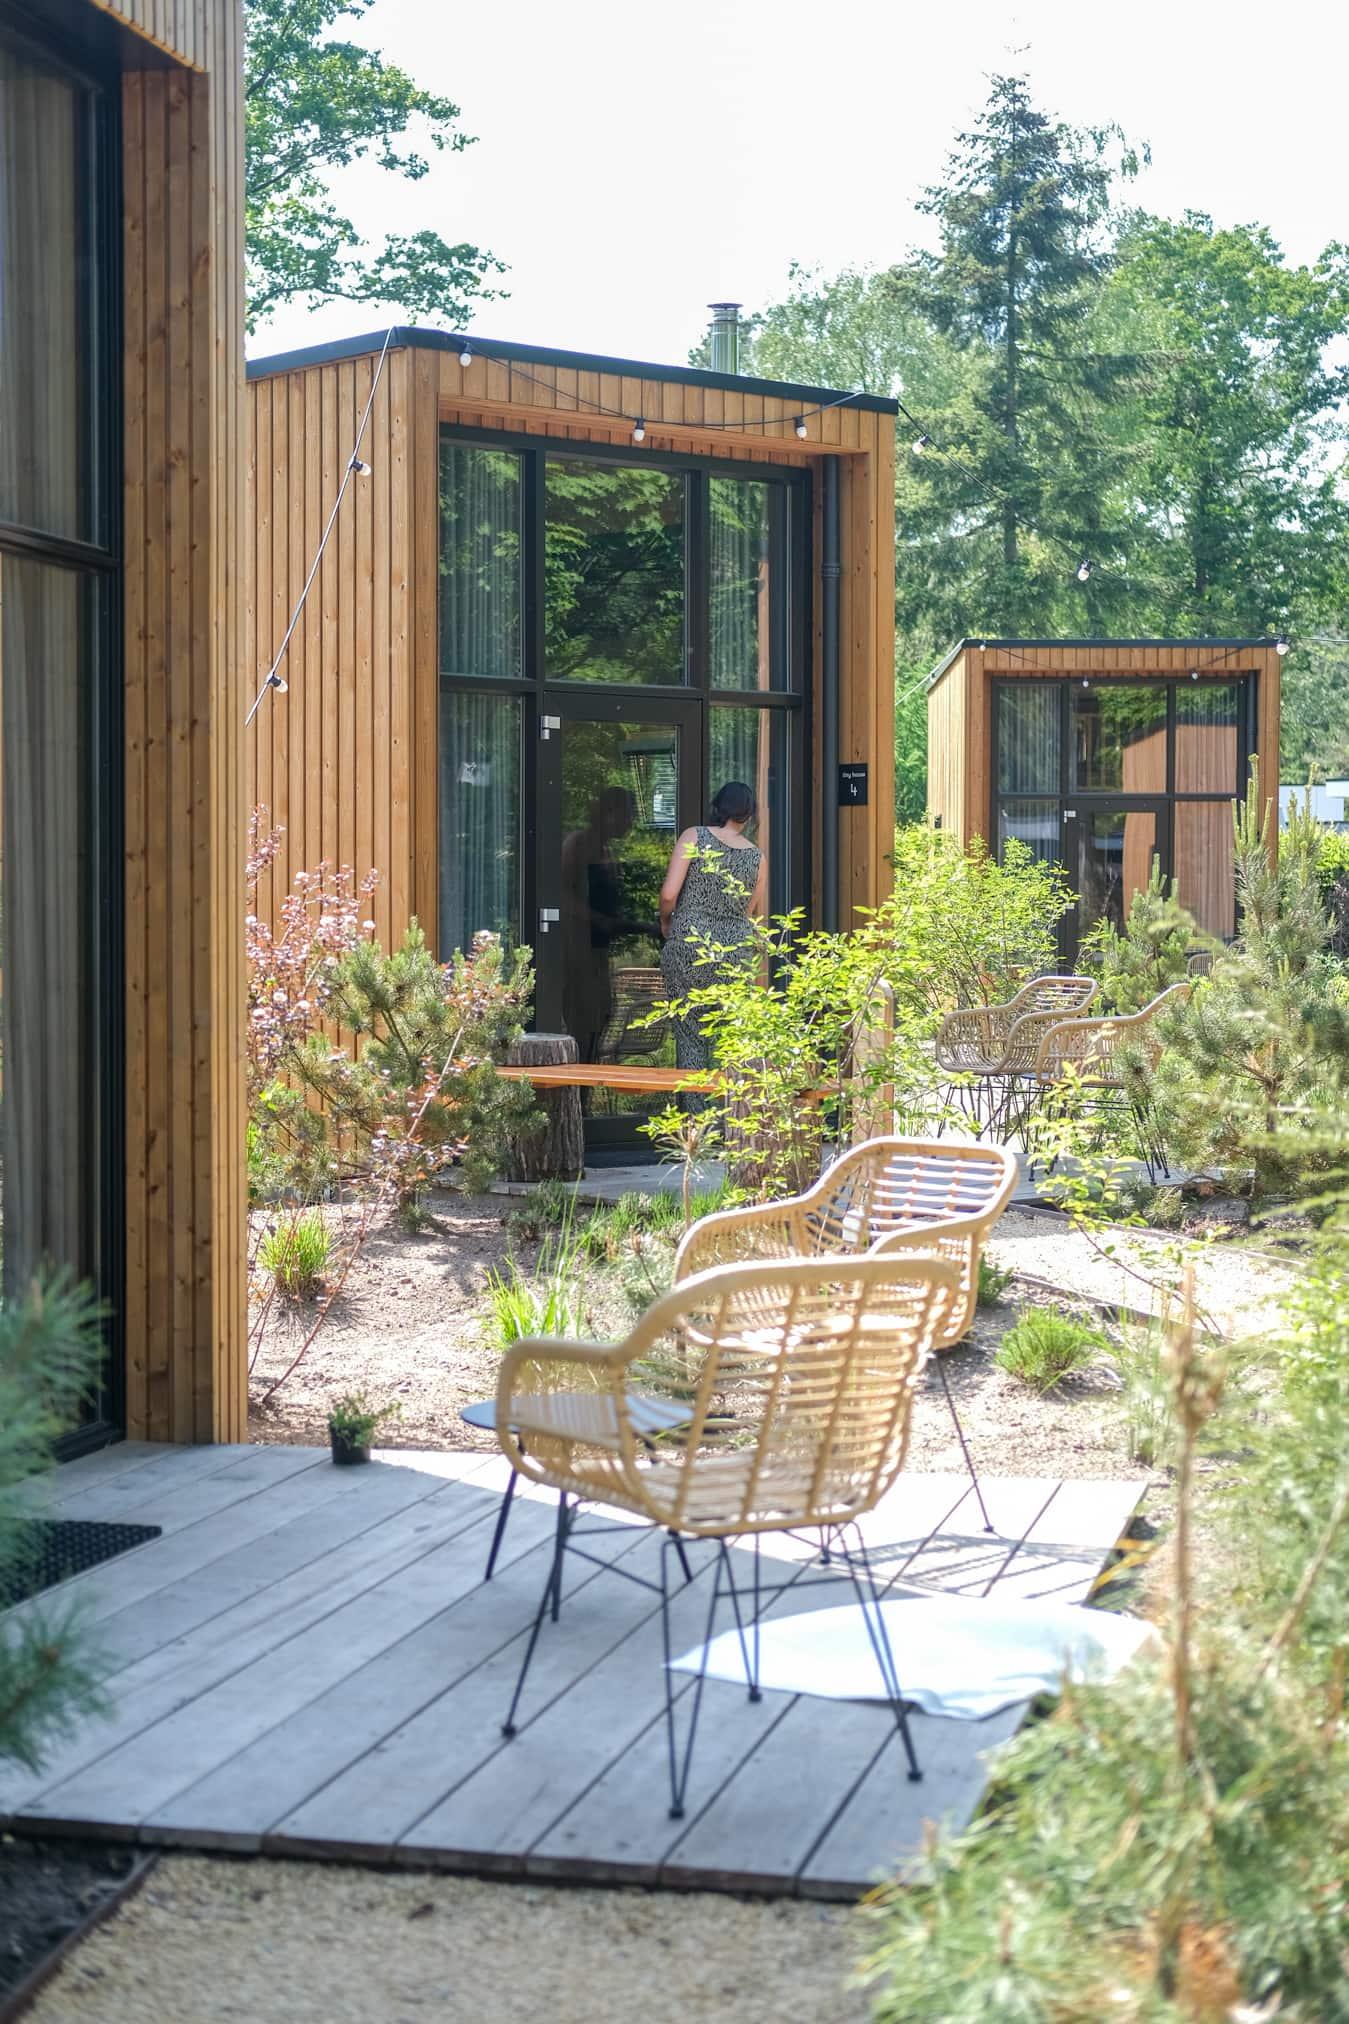 duurzaam overnachten tiny house